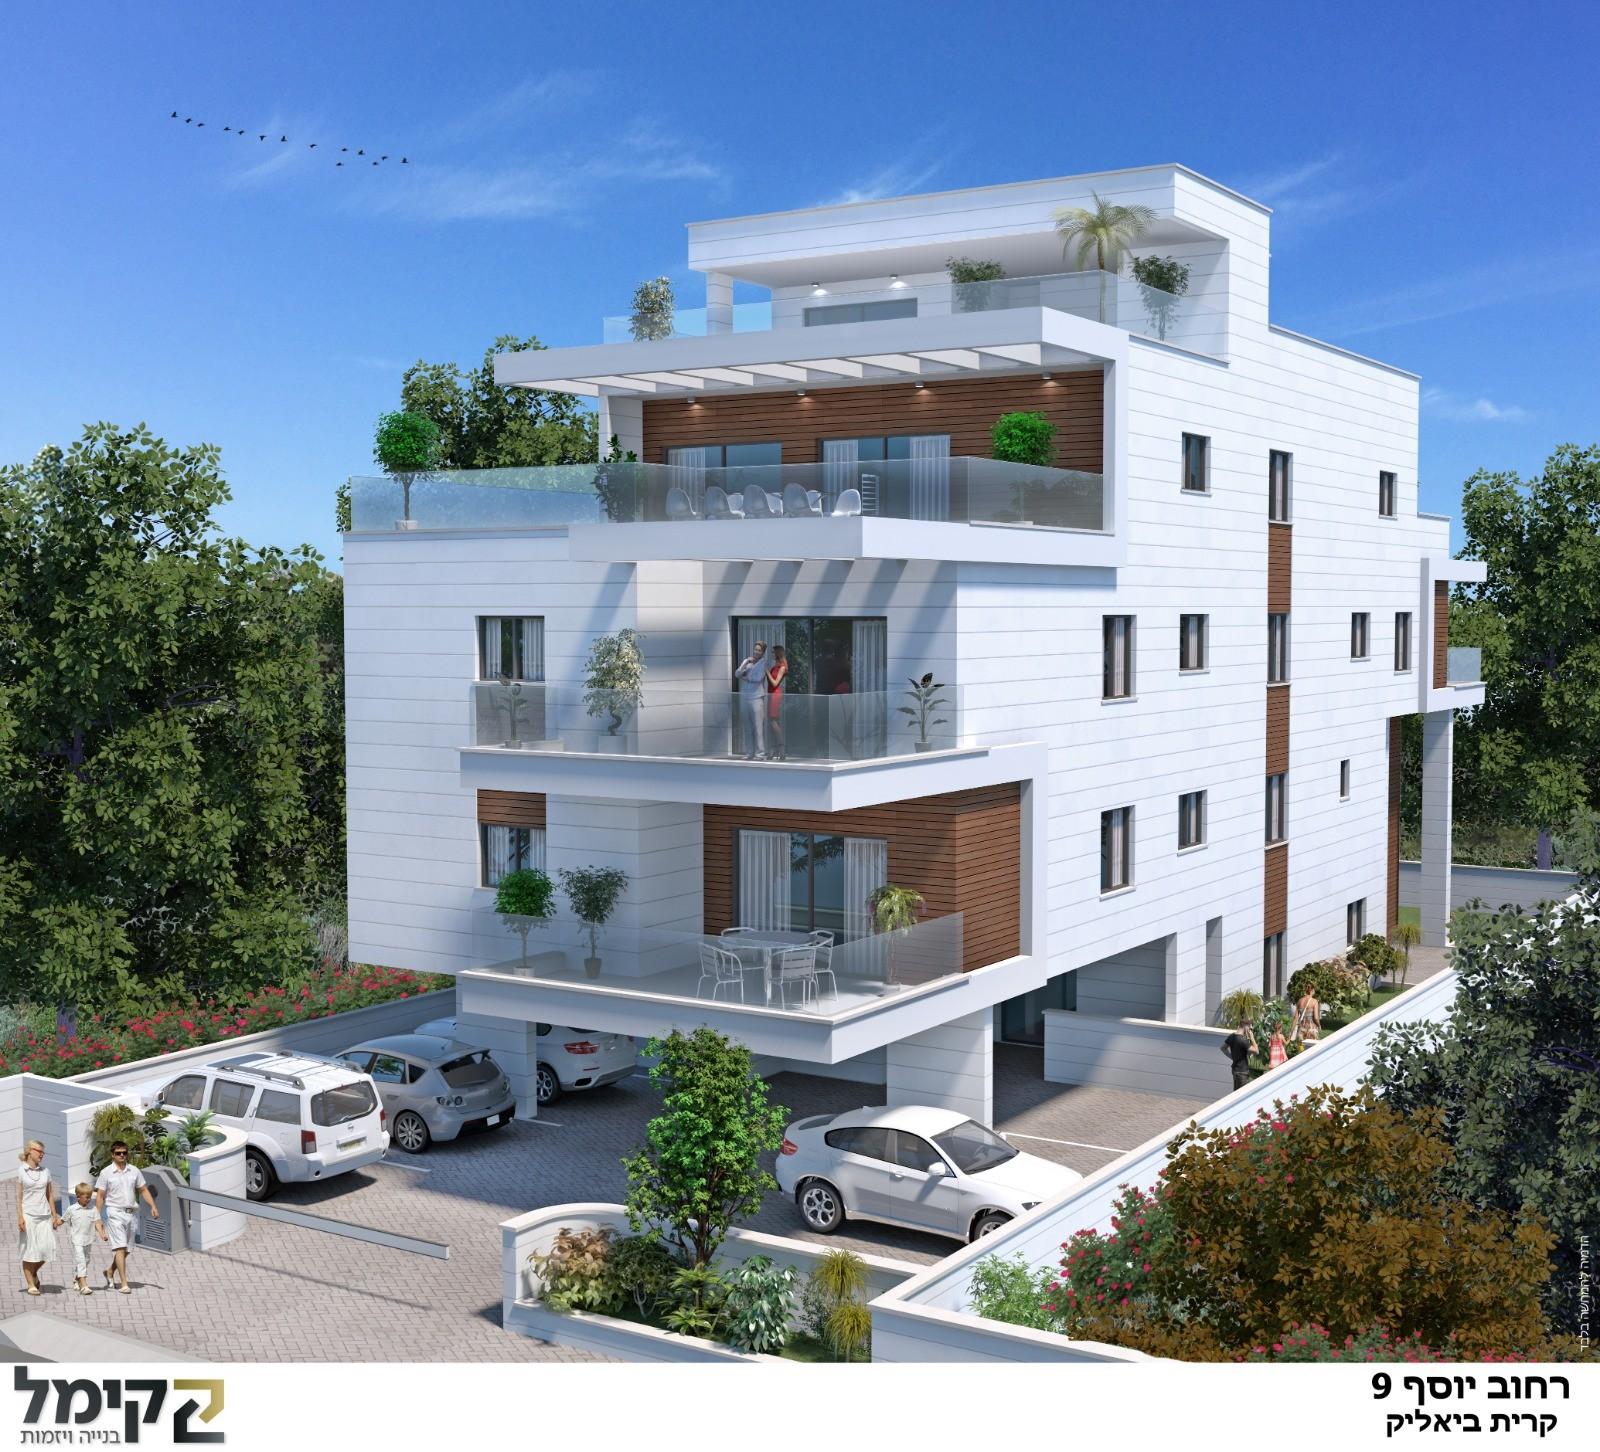 דירת גן מקסימה בבניין בוטיק חדש!